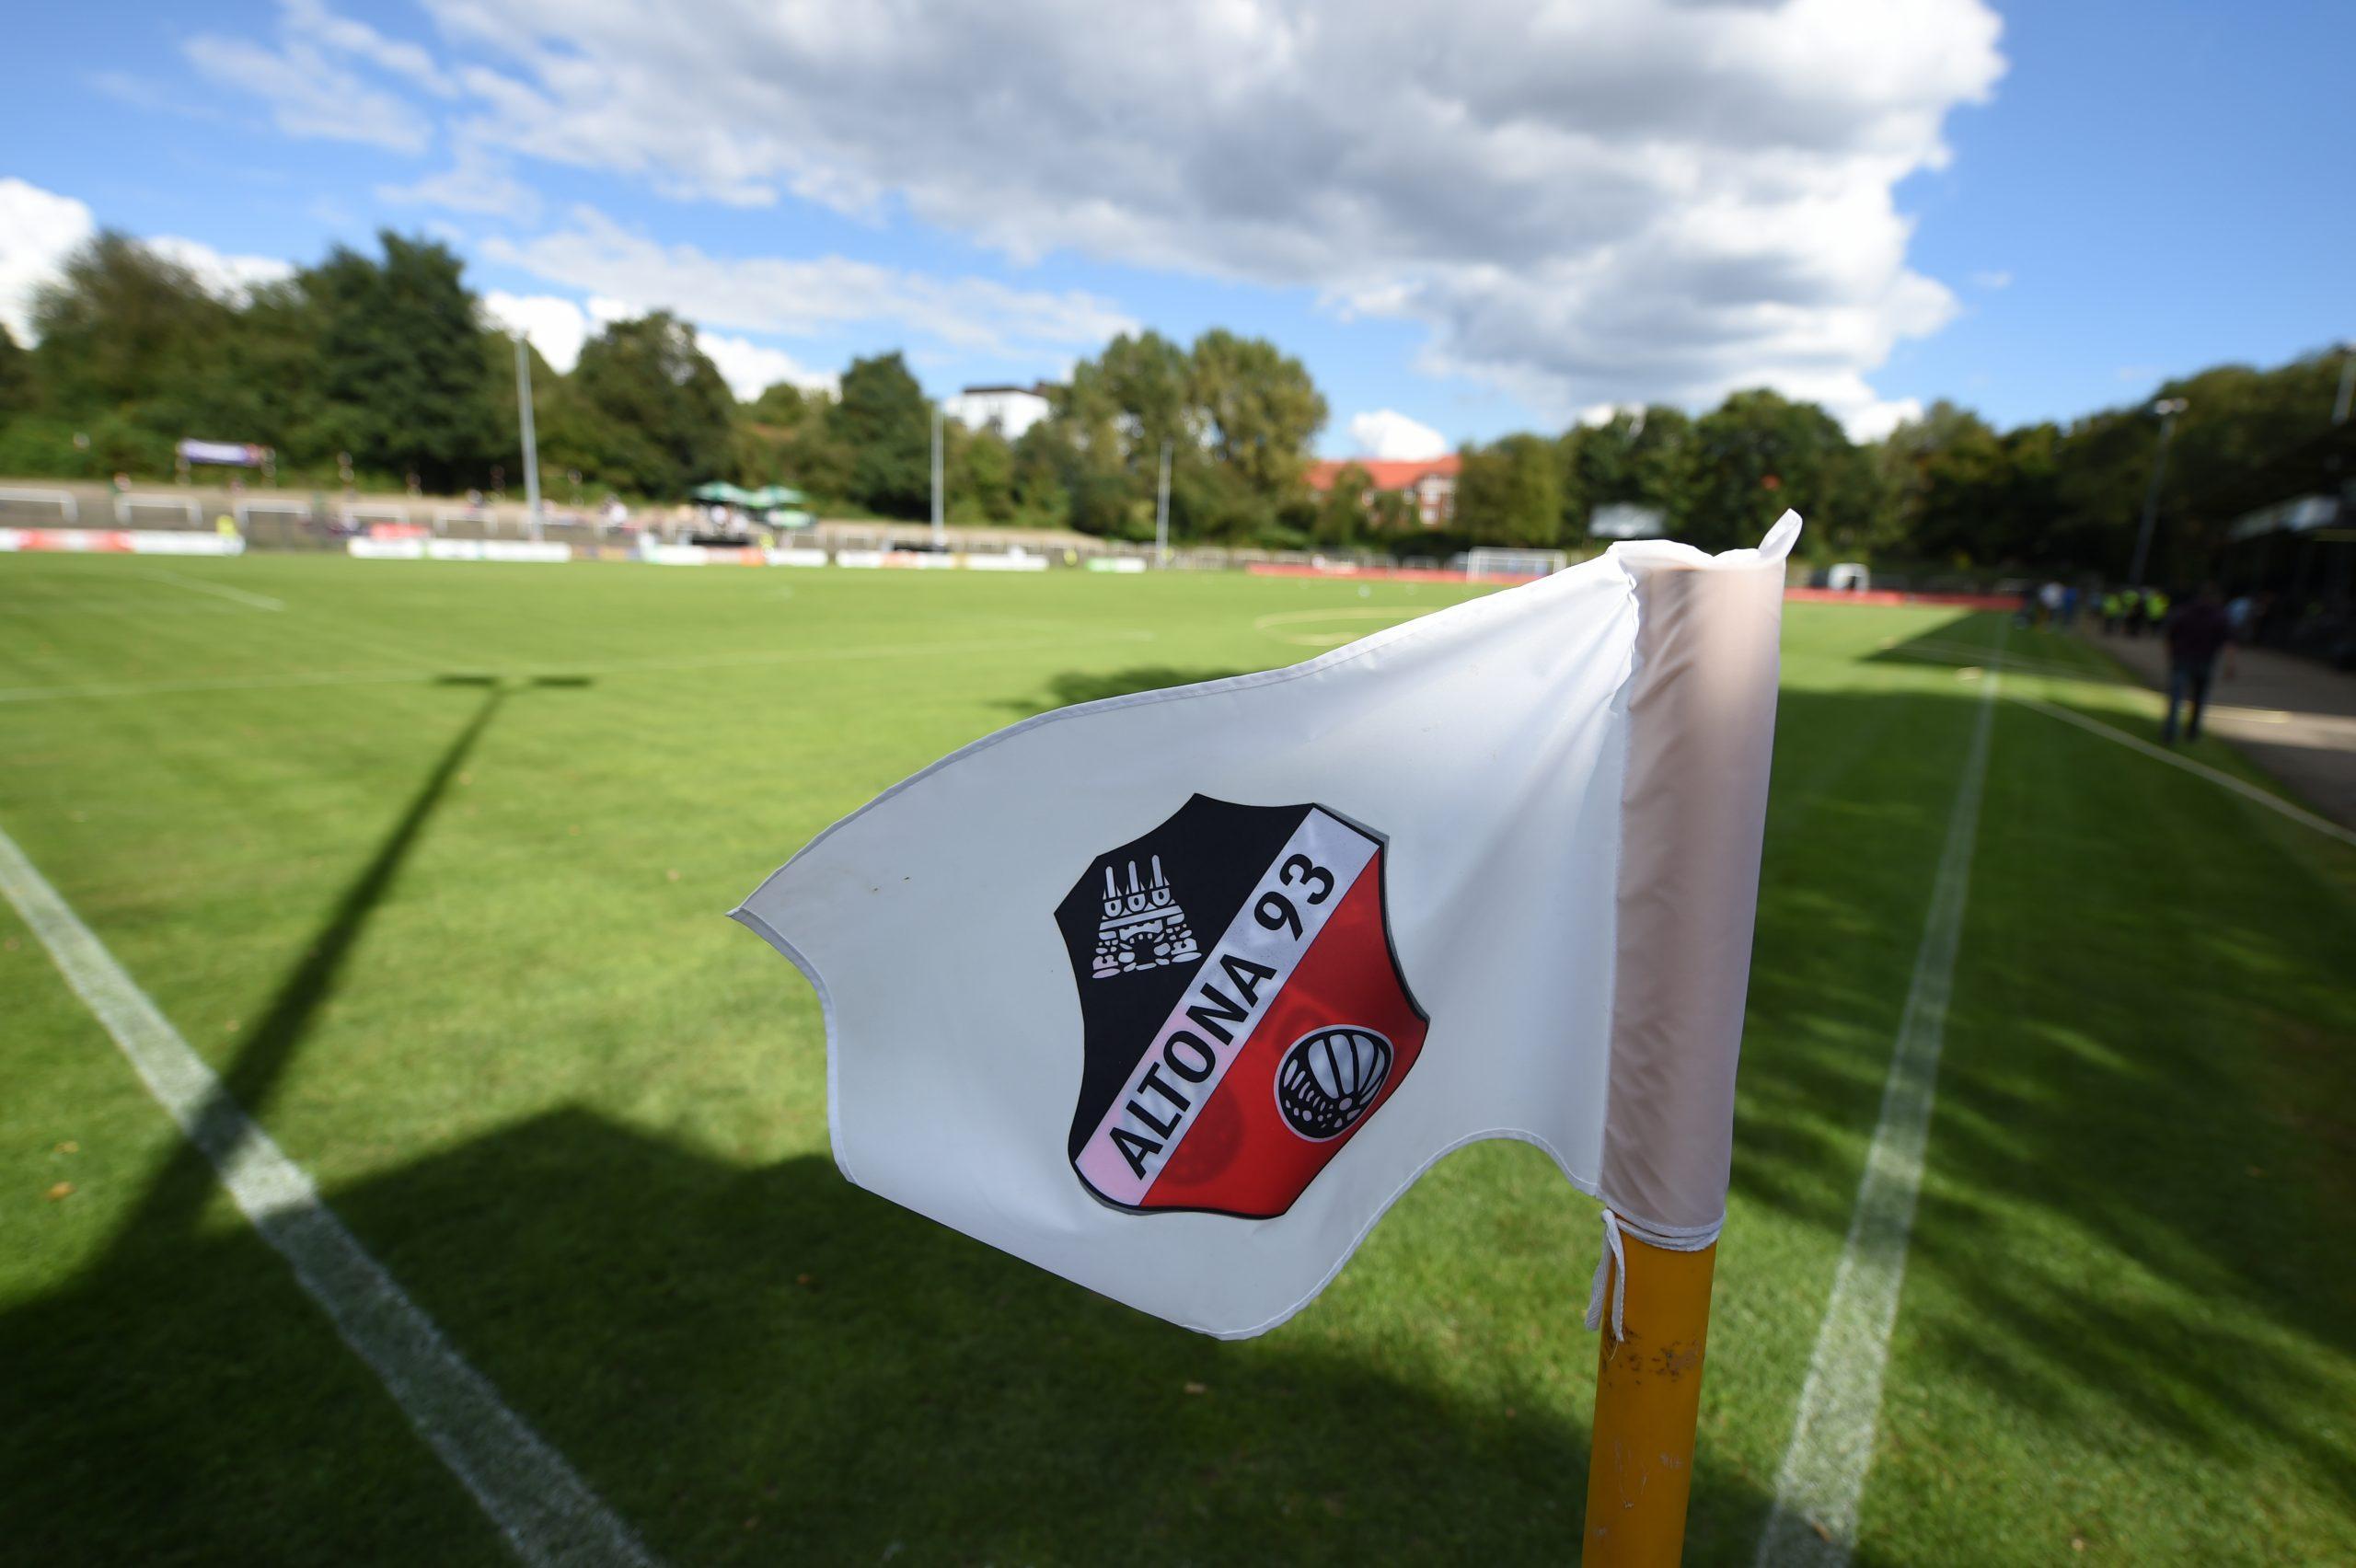 Hamburg: So viele Zuschauer passen ins neue Altona-Stadion